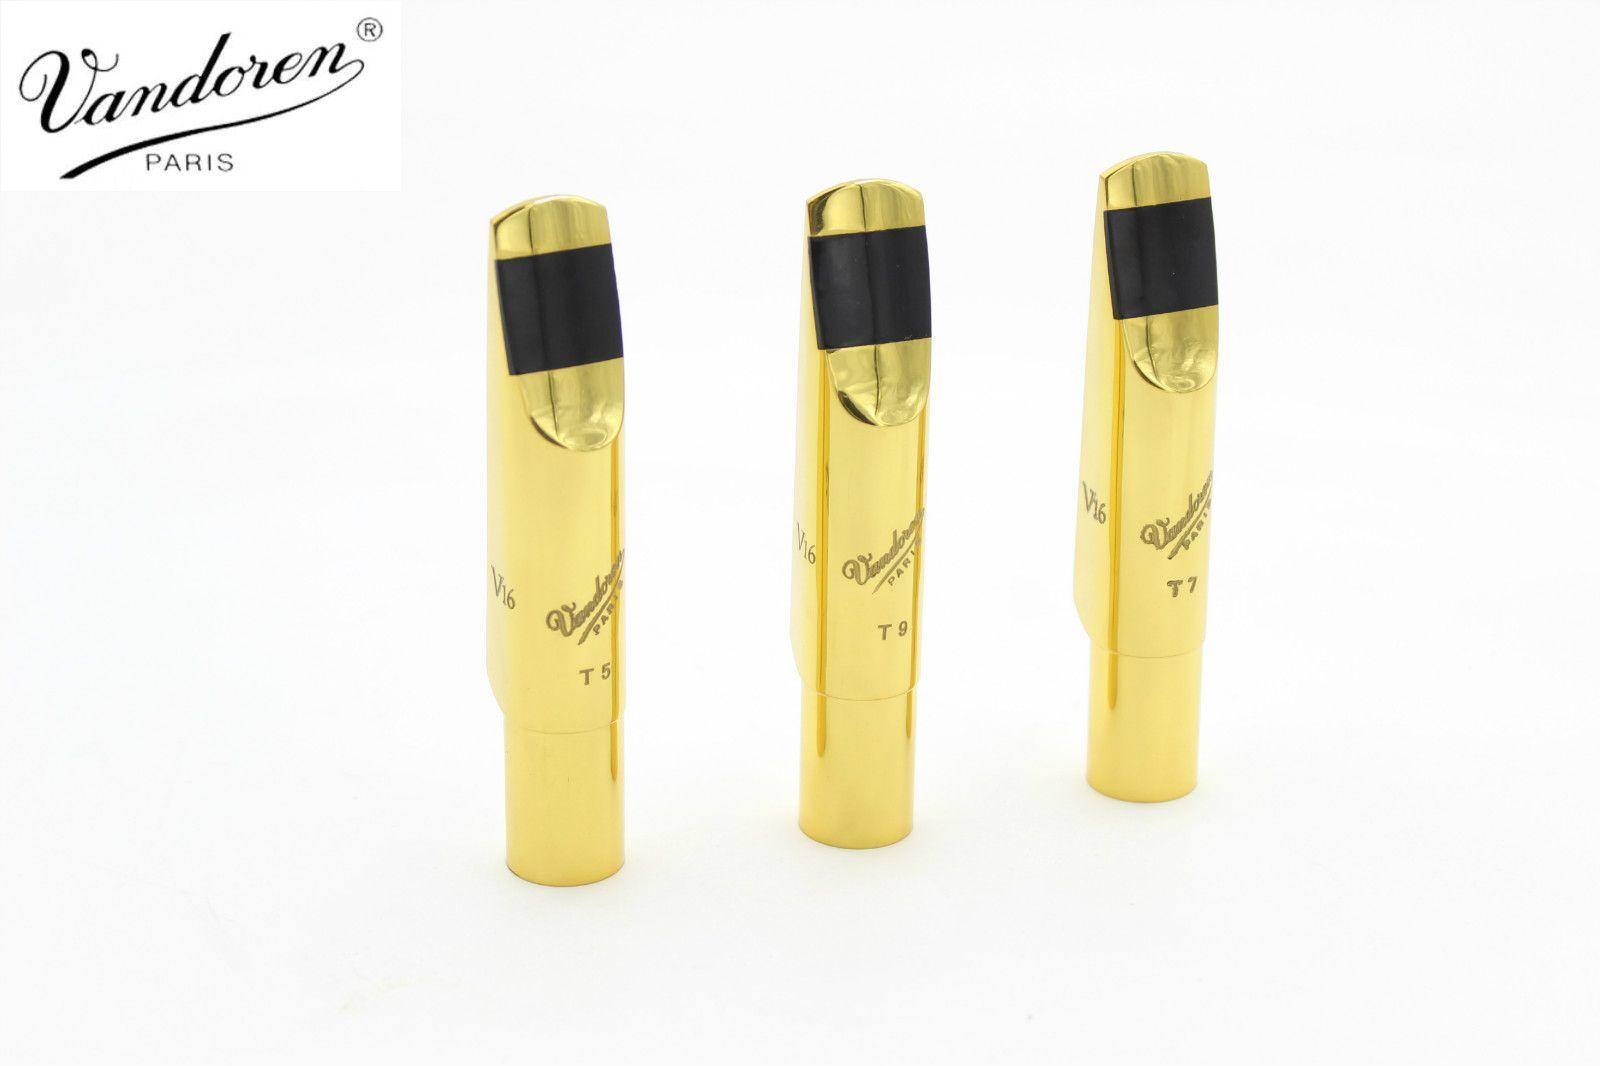 Vandoren V16 سلسلة معدنية الجسم الذهب ورنيش ألتو تينور سوبرانو ساكسفون الملحقات الموسيقية المعبرة رقم 5 6 7 8 9